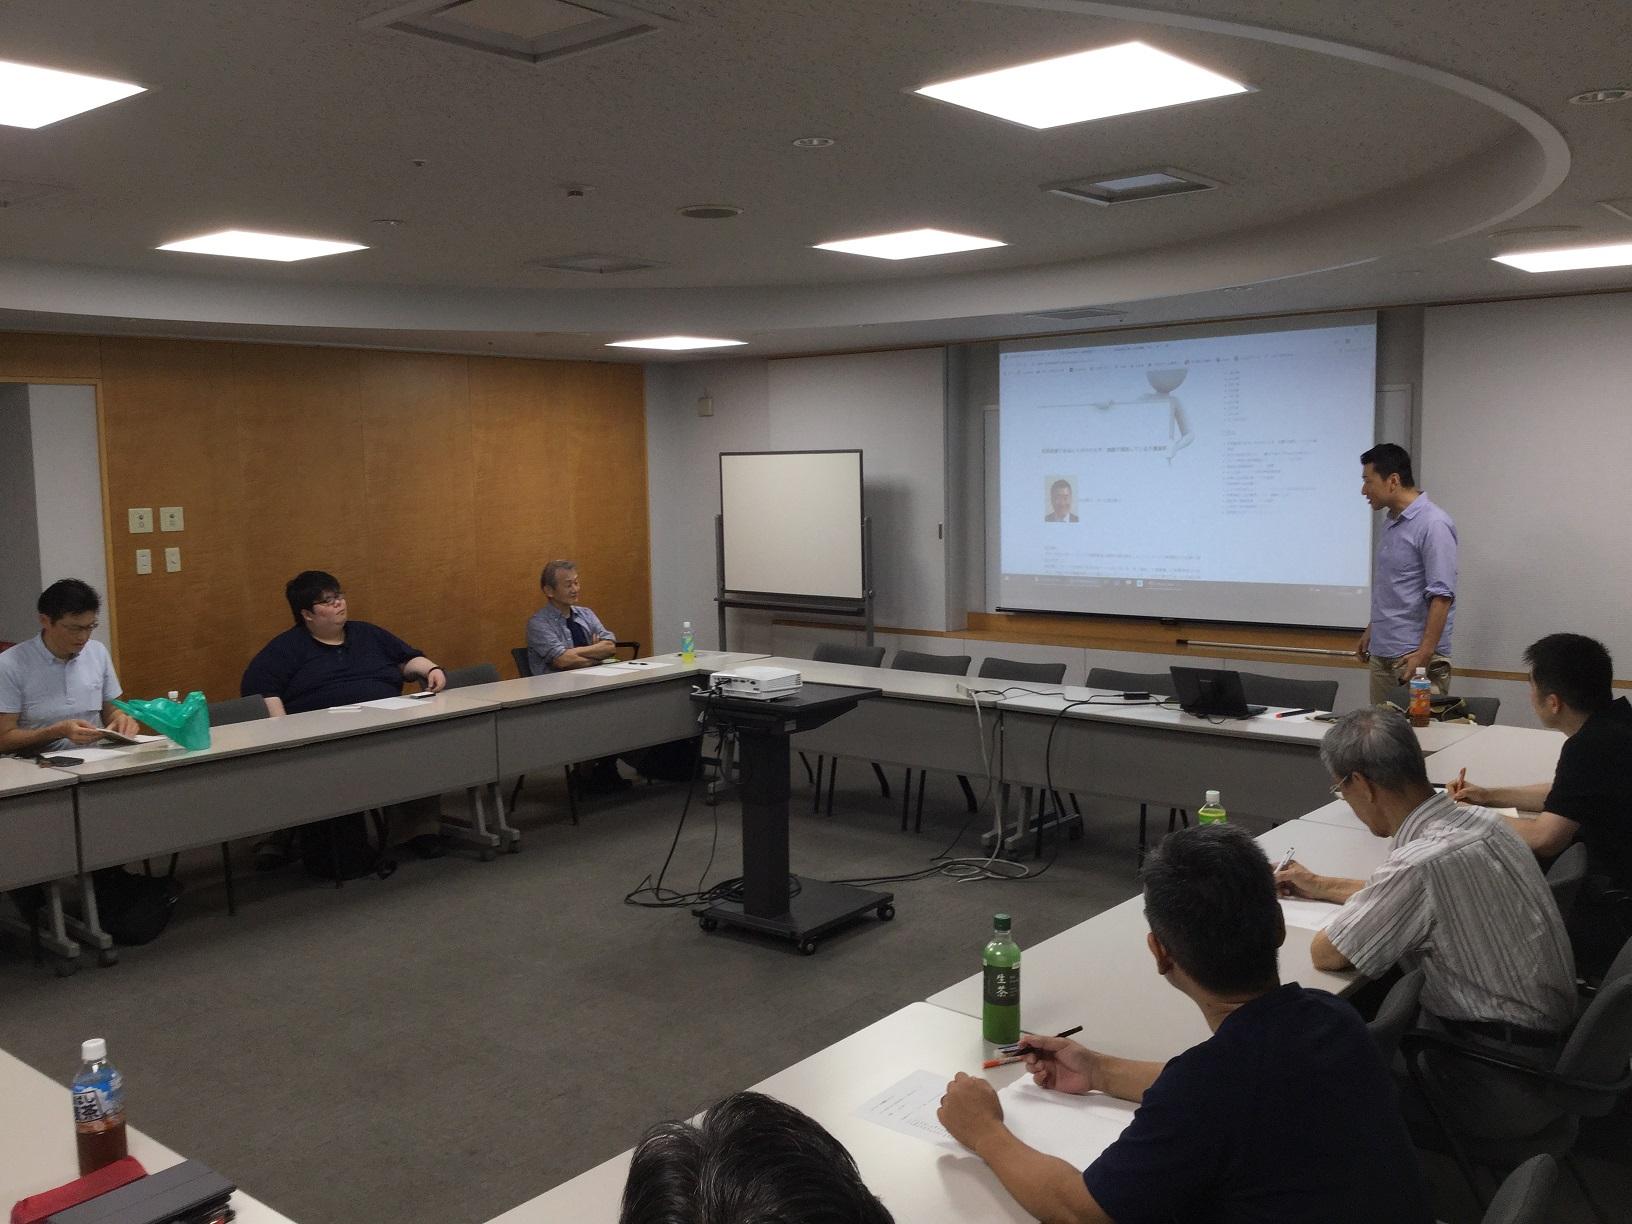 中小企業における勤怠管理システム導入のポイント